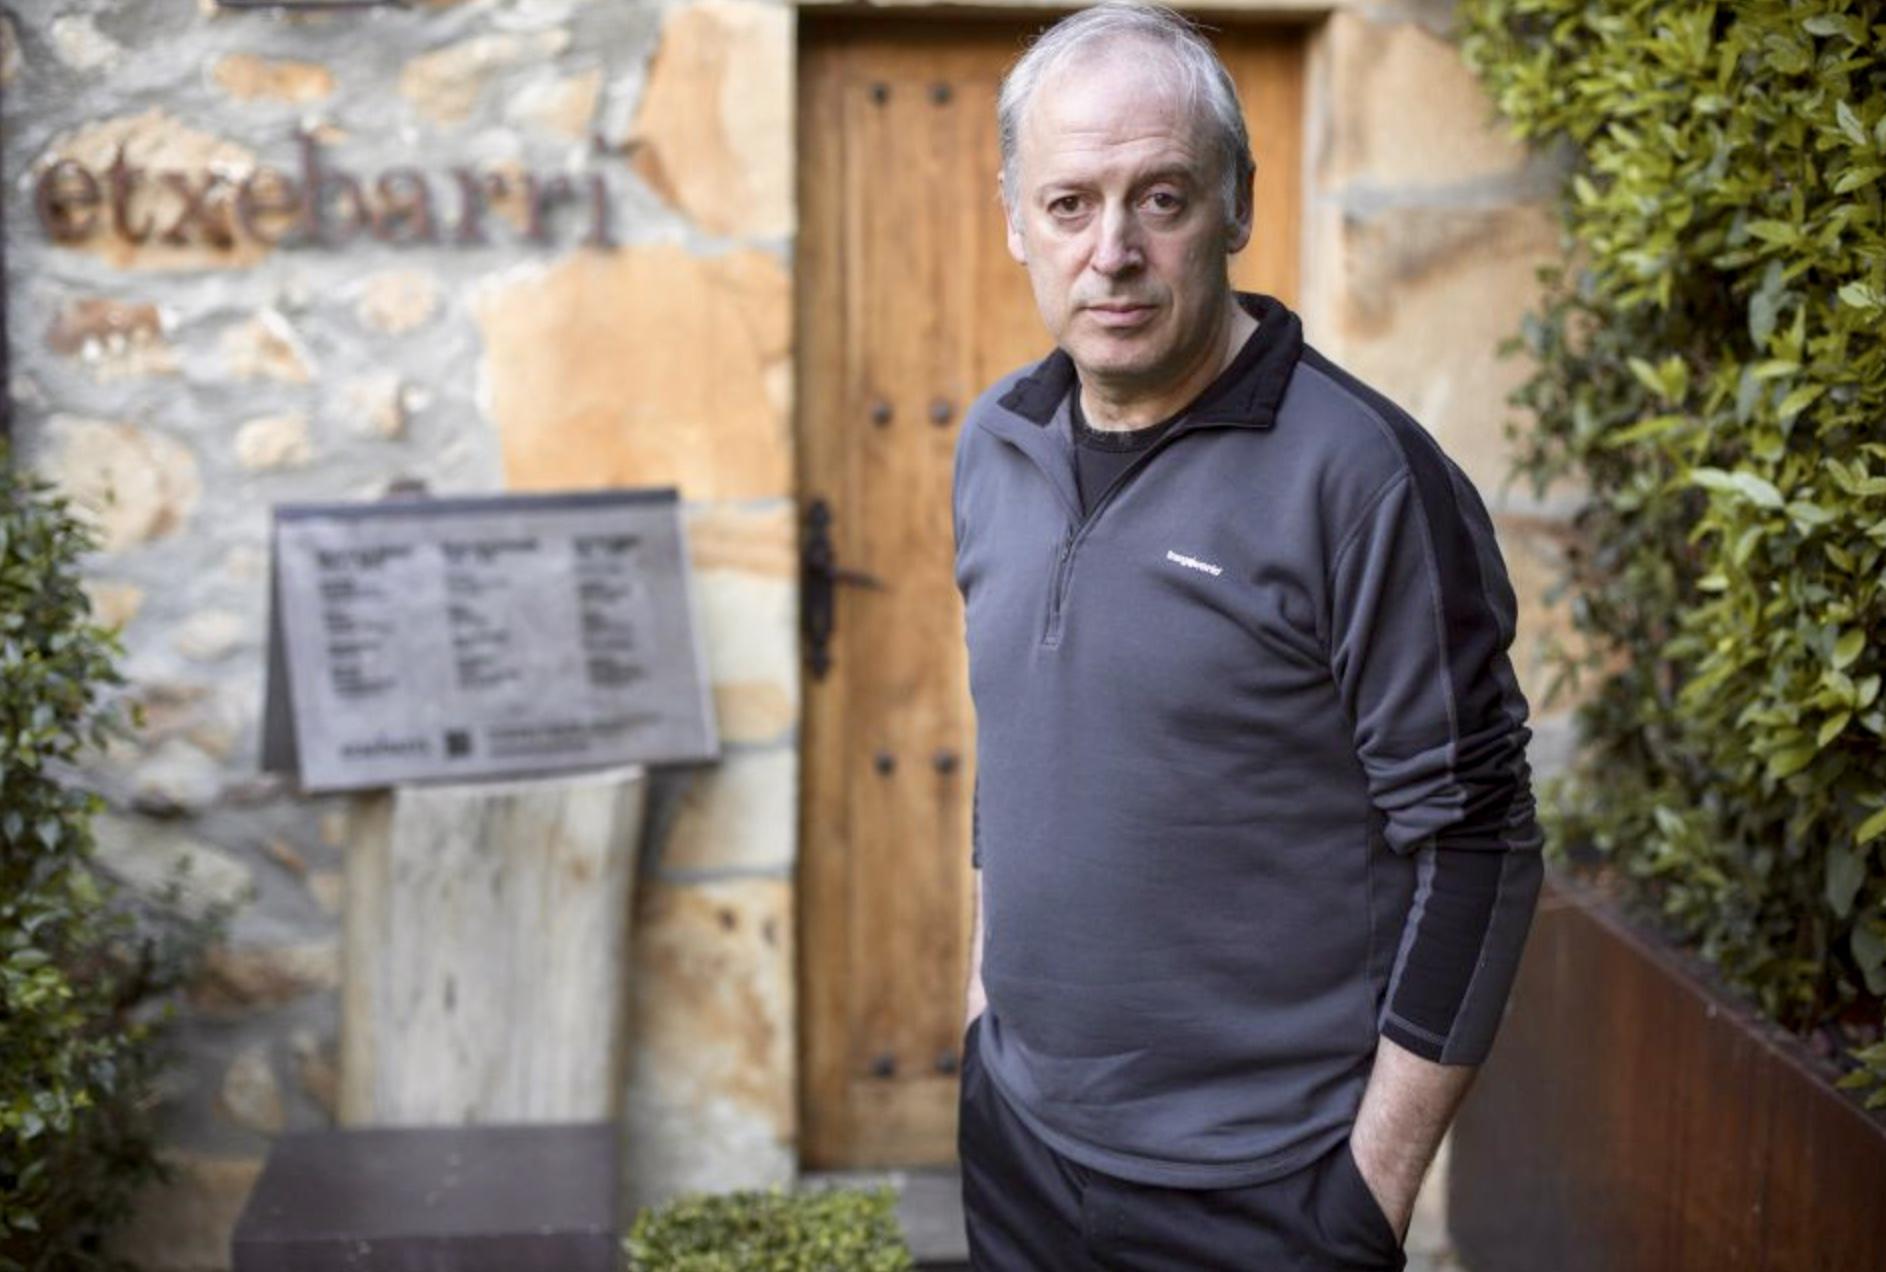 Arginzoniz, a la puerta de su restaurante en Atxondo (Vizcaya). / G. L.